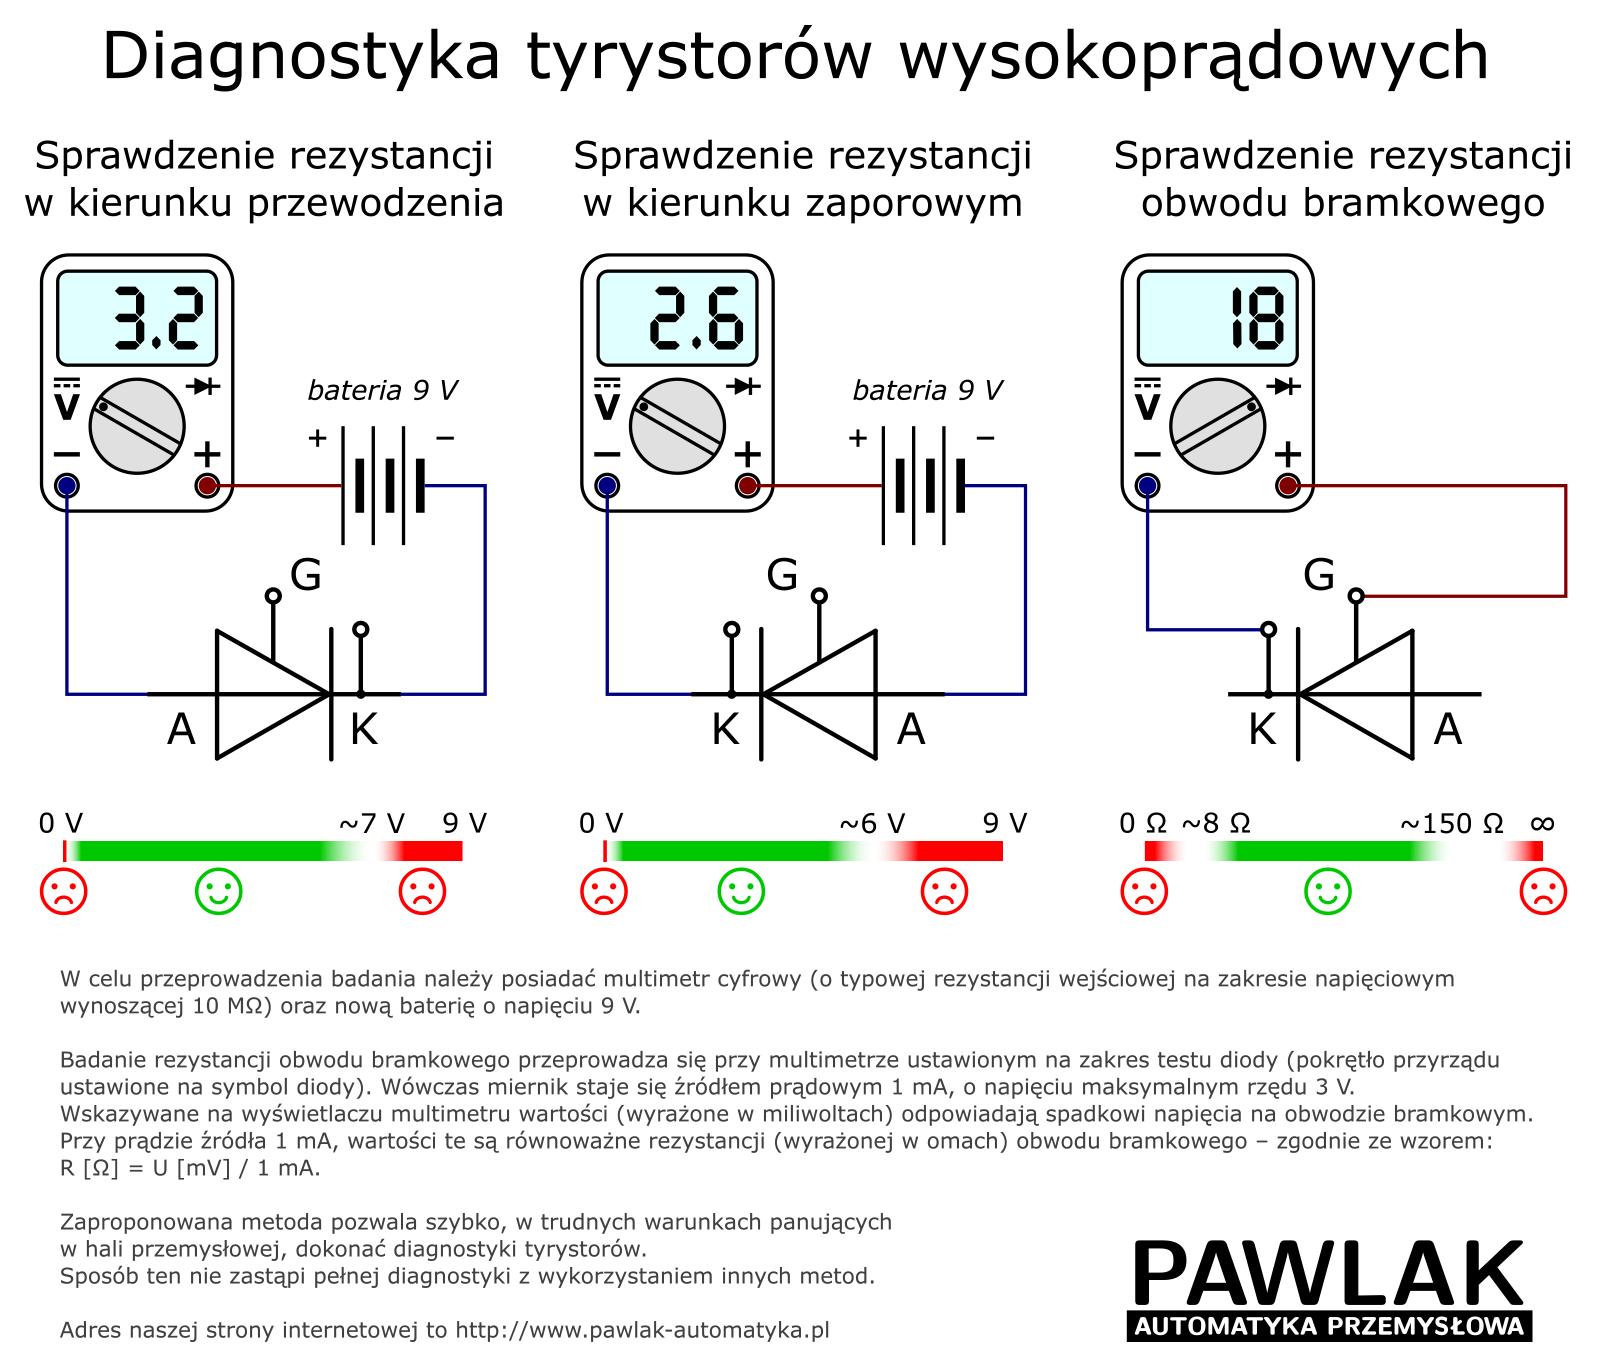 Diagnostyka tyrystorów wysokoprądowych